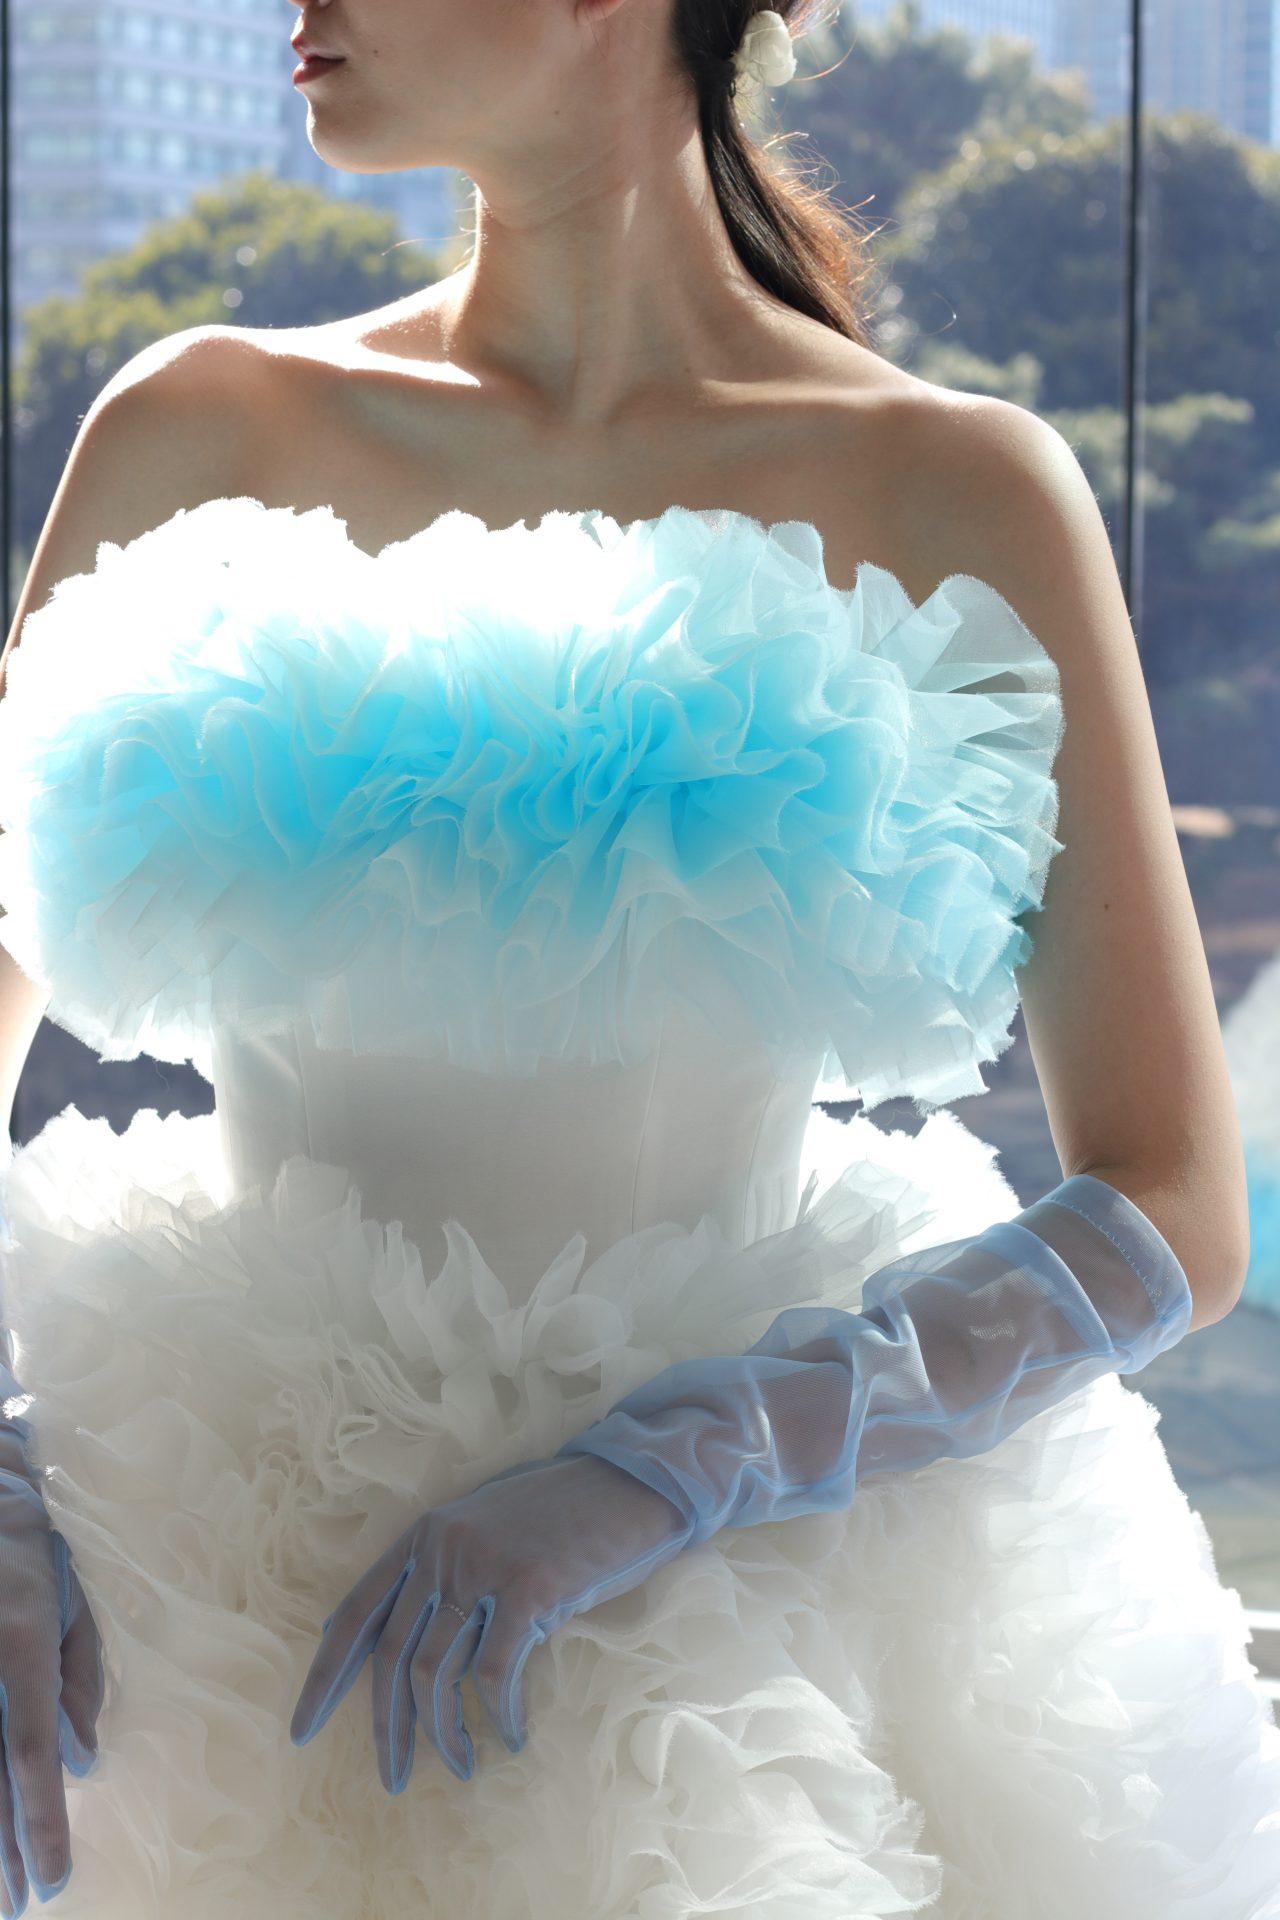 トモコイズミとトリートメゾンが手掛ける新作カラードレスは、ホワイトからブルーへとグラデーションになった、胸元を覆う柔らかなフリルが美しく、ブルーのグローブとの相性もぴったりです